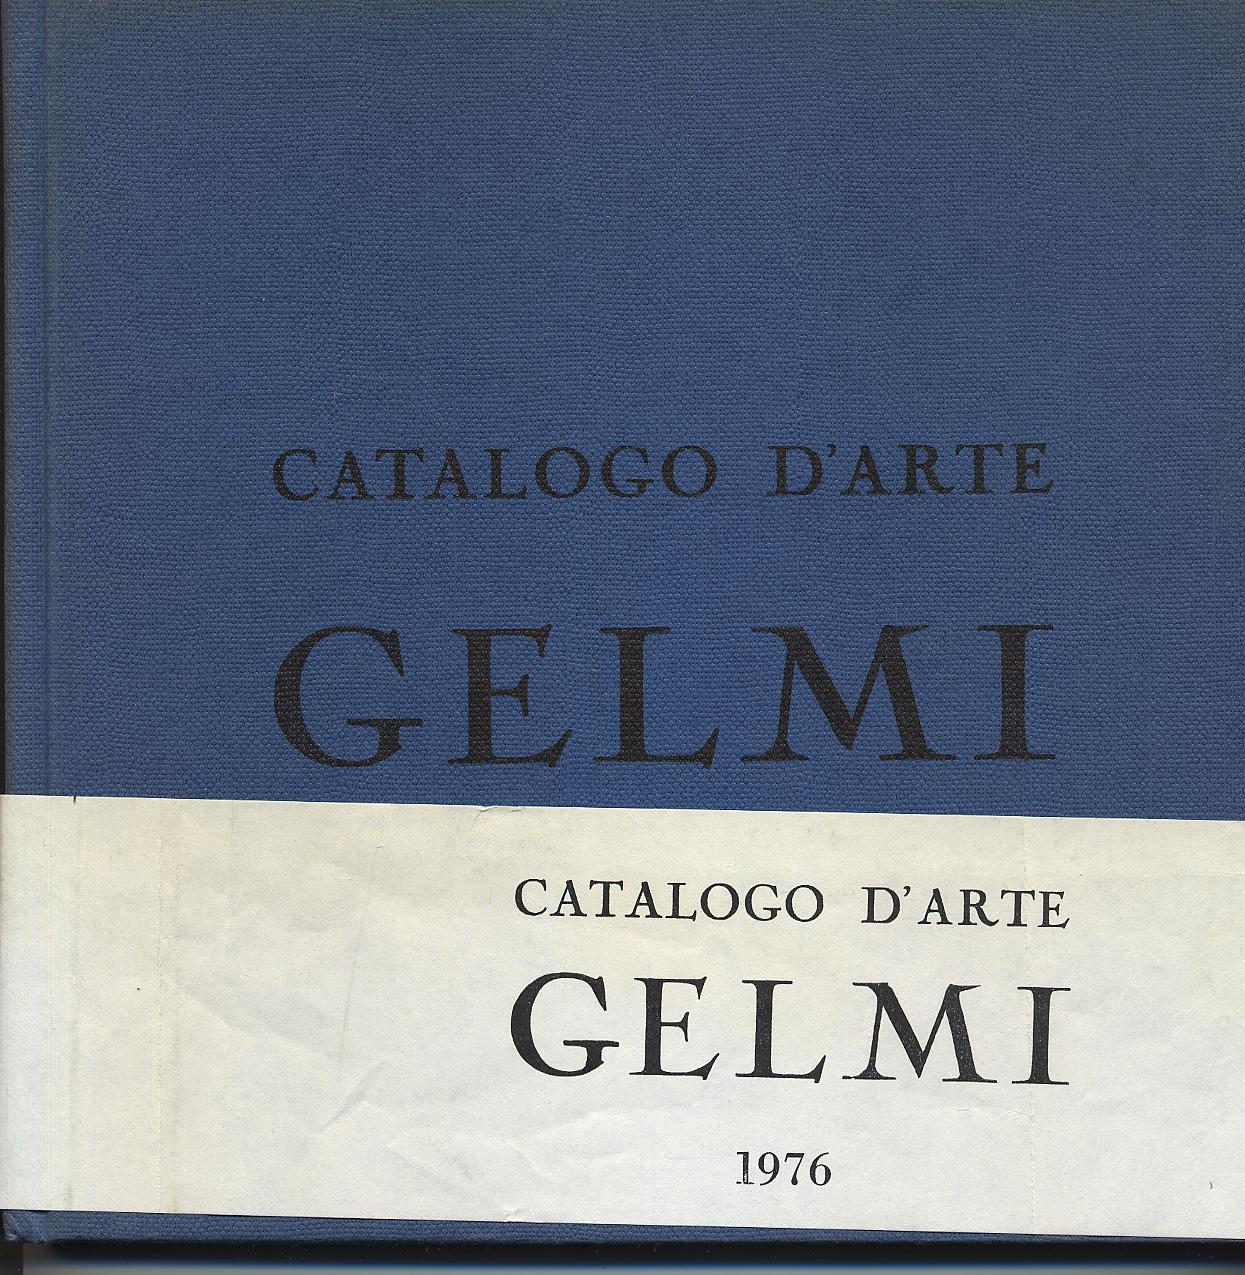 Catalogo d'arte Gelmi 1976